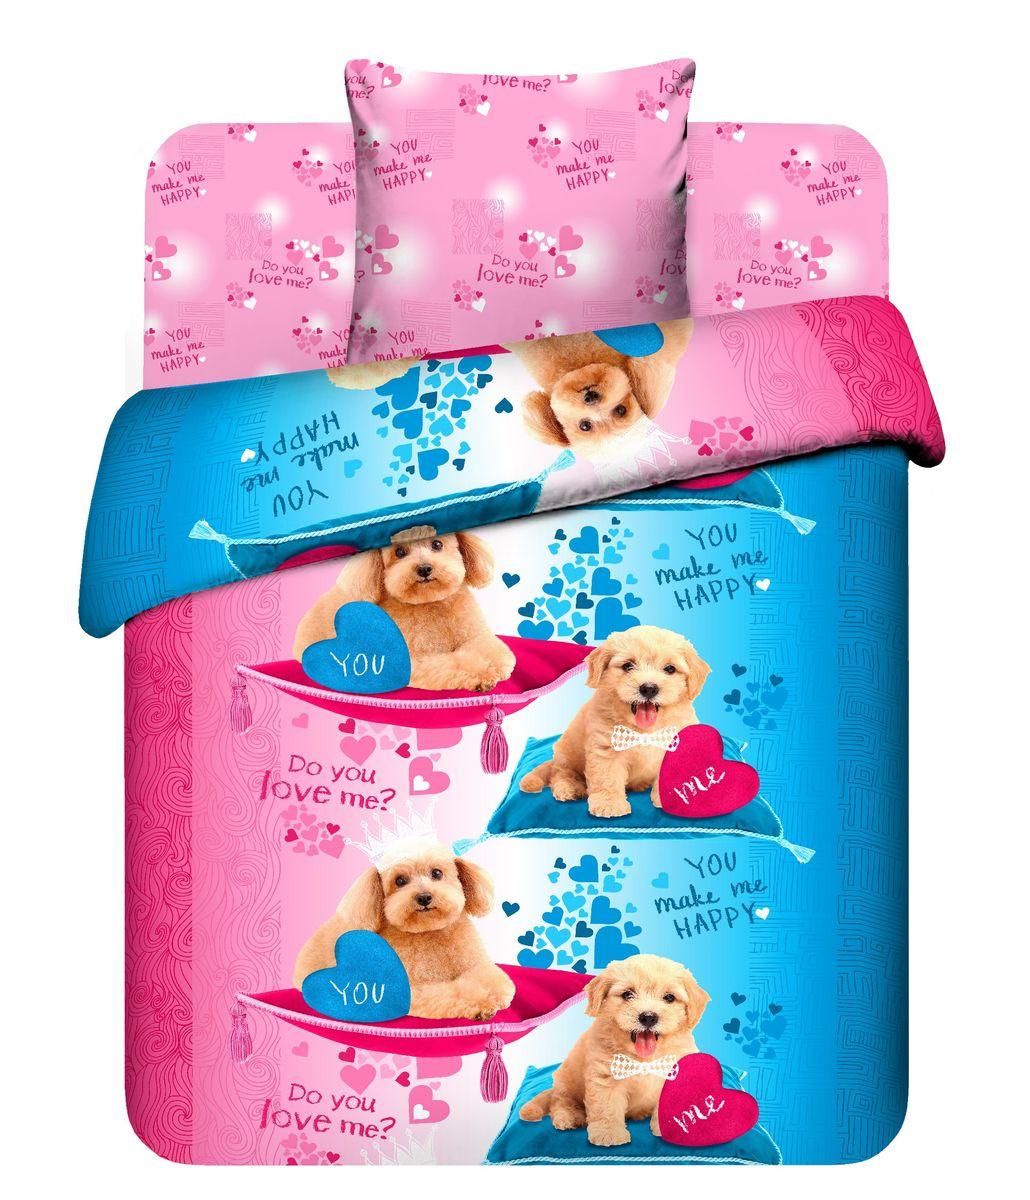 Детское постельное белье Василек Пушистые друзья (1,5 спальный КПБ, хлопок, наволочка 70х70). 4403/24403/2Детское постельное белье Василек Пушистые друзья прекрасно подойдет для вашего малыша. Текстиль произведен из 100% хлопка. При нанесении рисунка используются безопасные натуральные красители, не вызывающие аллергии. Гладкая структура делает ткань приятной на ощупь, она прочная и хорошо сохраняет форму, мало мнется и устойчива к частым стиркам. Комплект состоит из наволочки, простыни и пододеяльника. Яркий рисунок непременно понравится вашему ребенку.